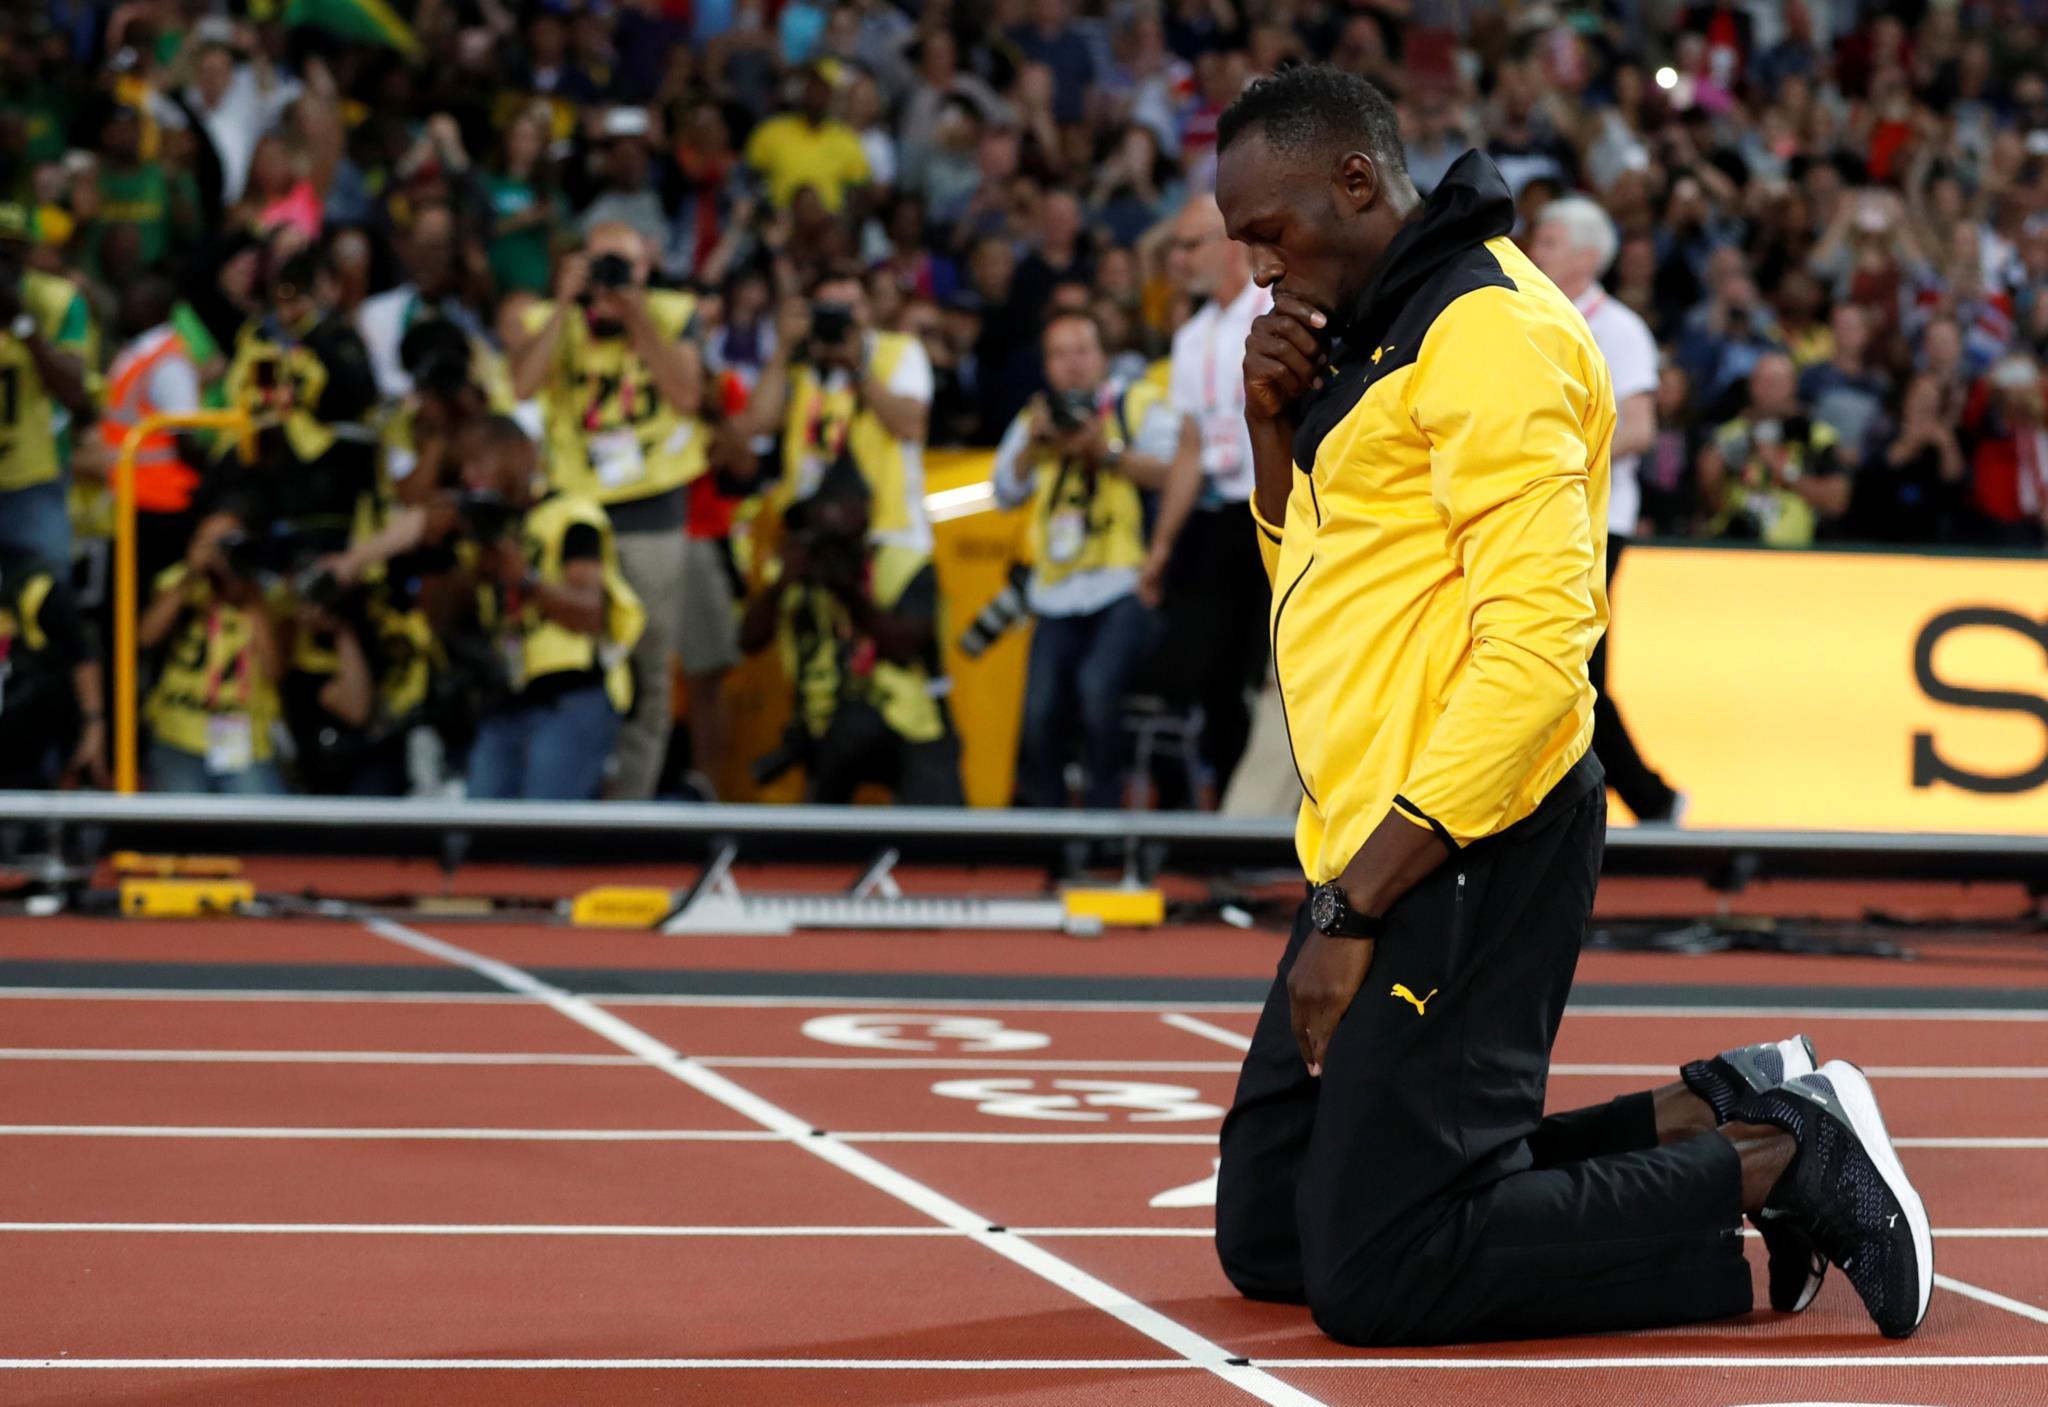 Bolt cumpriu uma volta de honra no estádio olímpico a fechar o último dia dos Mundiais de atletismo